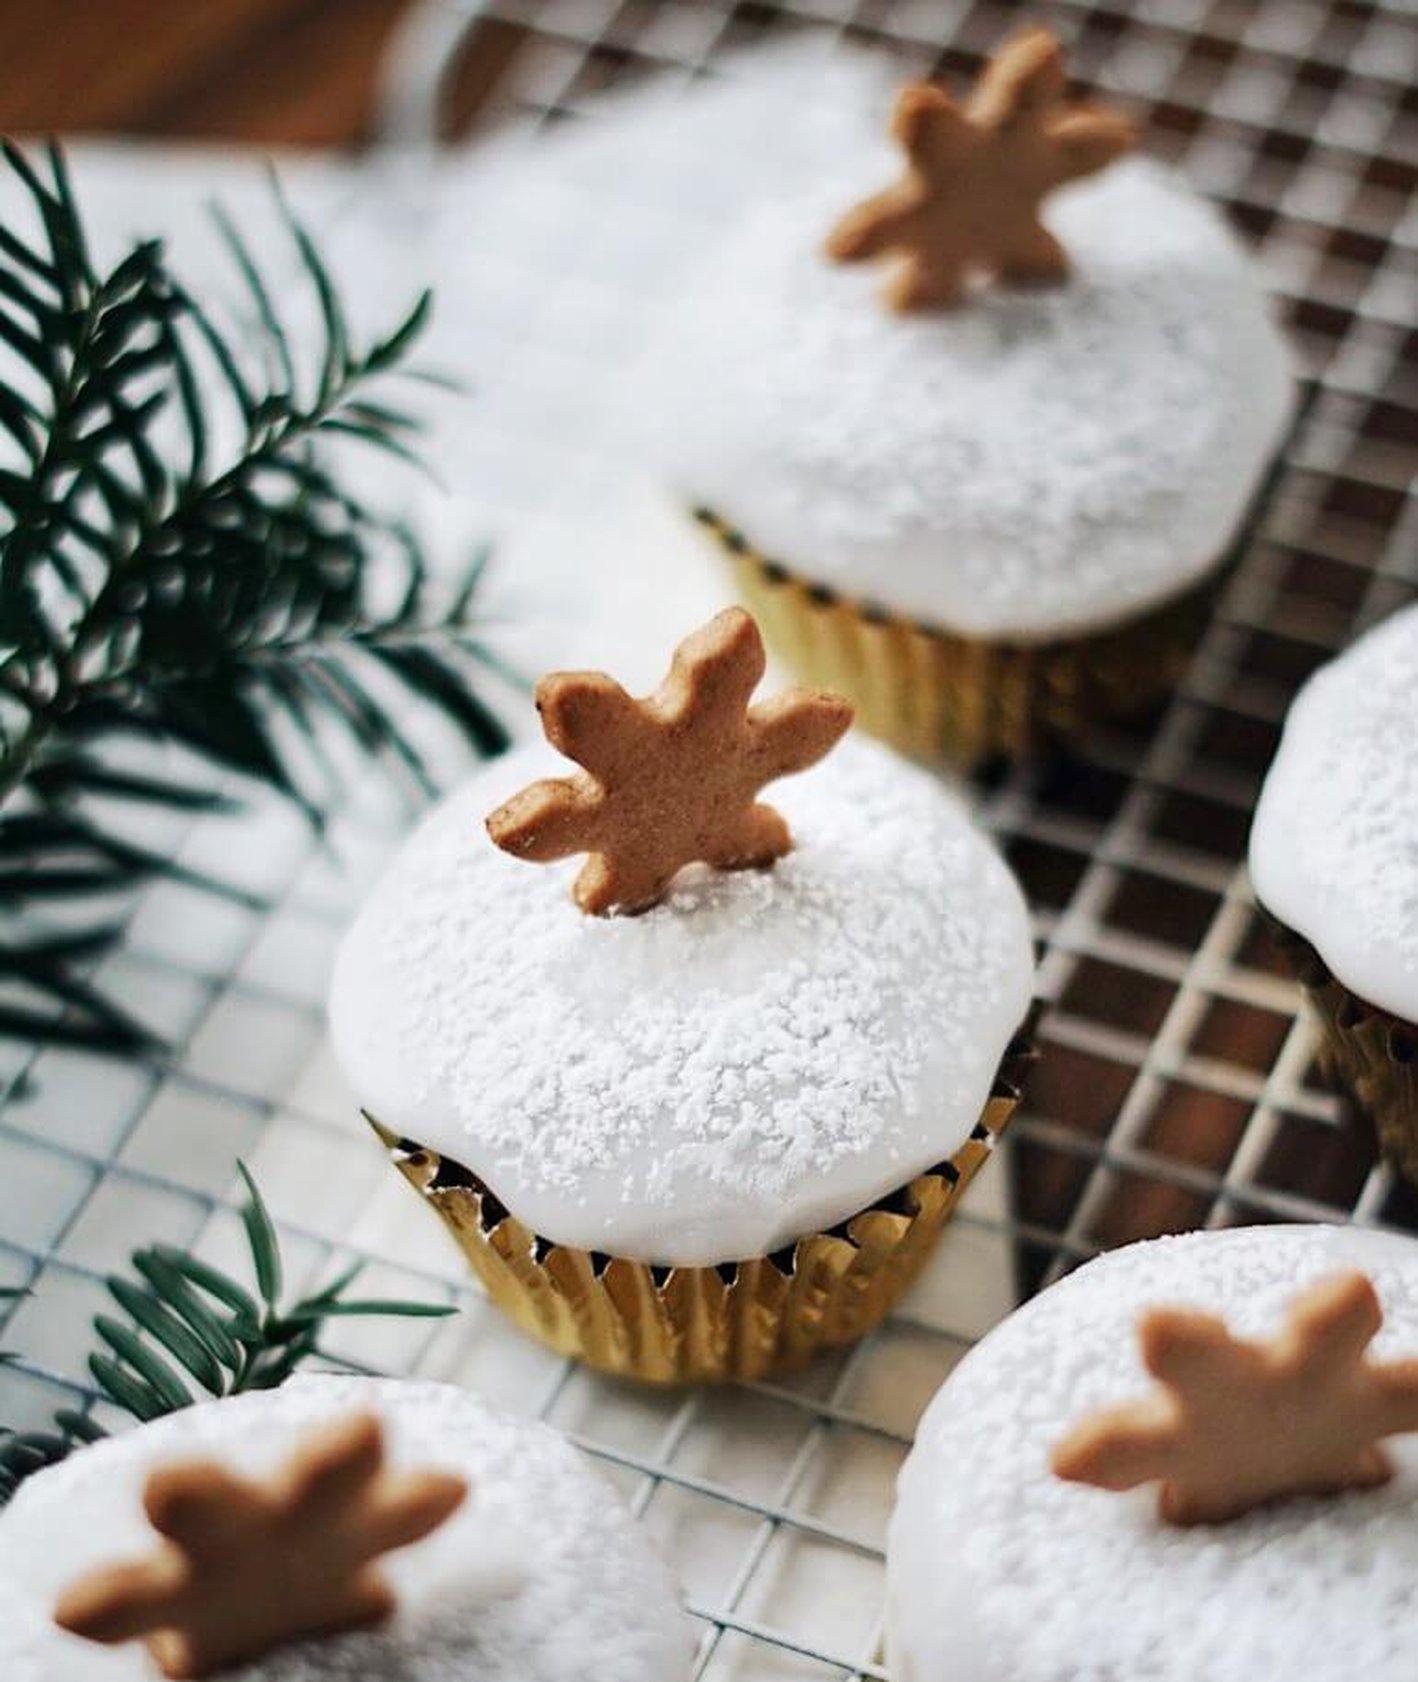 babeczki marchewkowe, babeczki z lukrem, muffinki marchewkowe, ciasto marchewkowe, świąteczne ozdoby, jadalne prezenty, muffinki z lukrem, proste babeczki, słodycze dla dzieci,